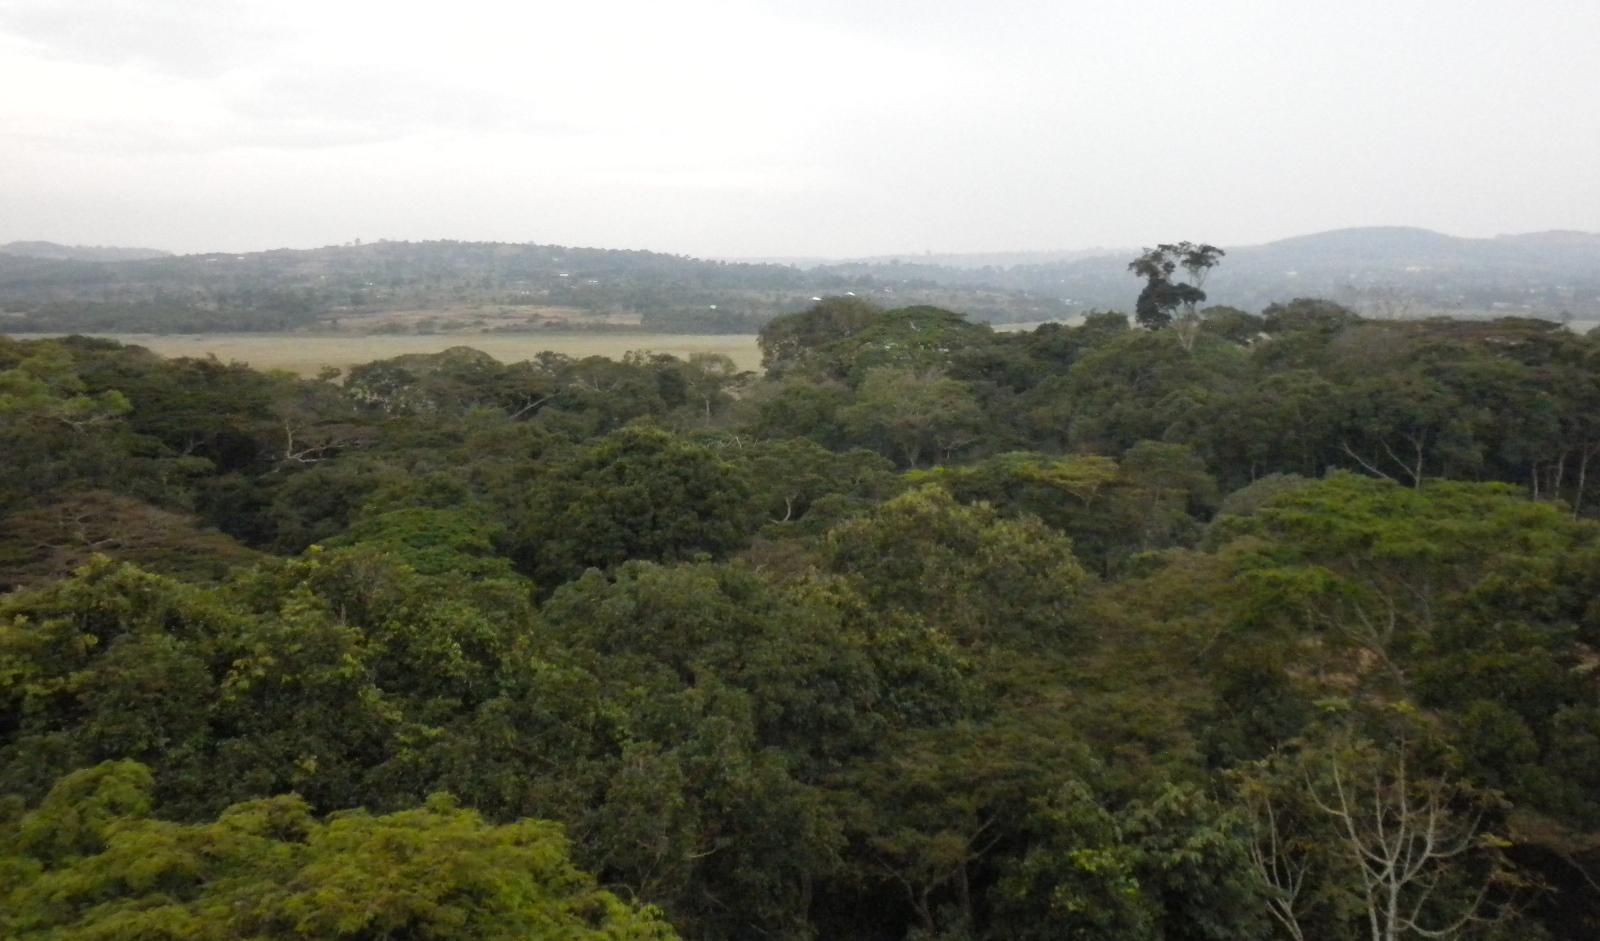 Panorámica del bosque Zika, en Uganda. Foto cortesía del doctor Leslie Lobel.